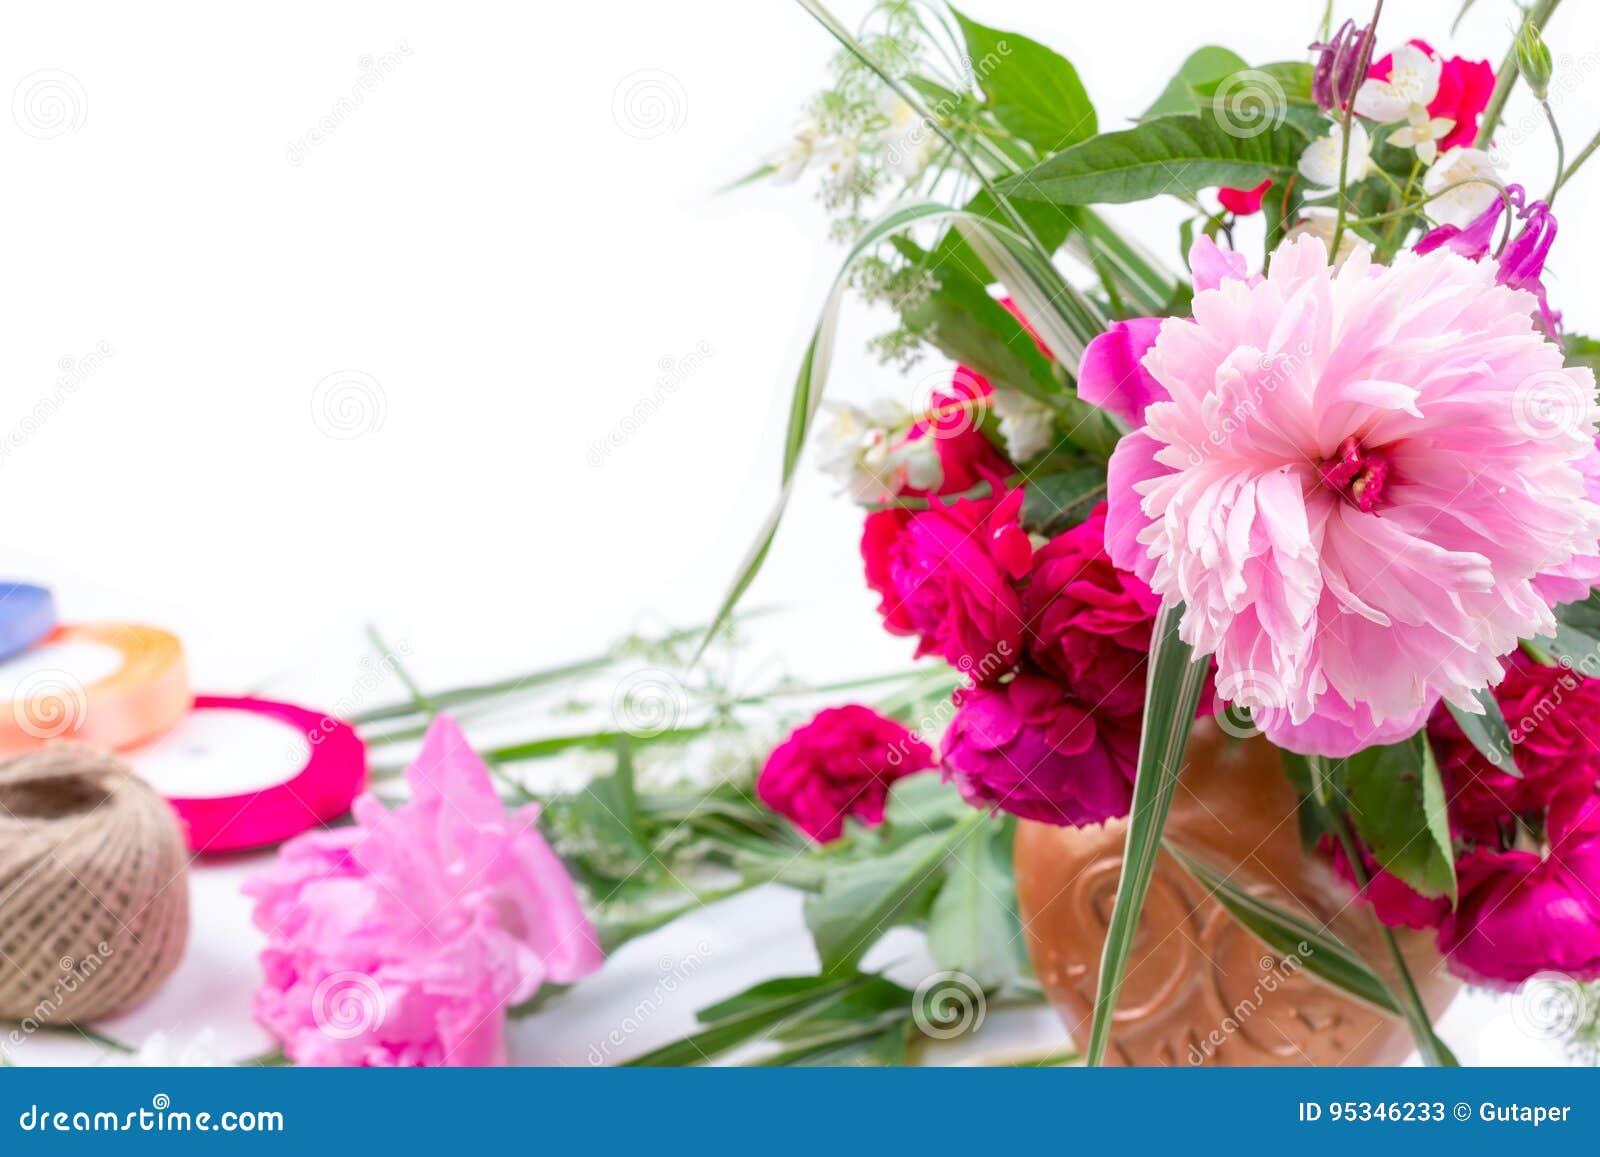 Blommaordning med en härlig bukett av rosa pionblommor, blåklinter och röda rosor på en vit bakgrund med utrymme för